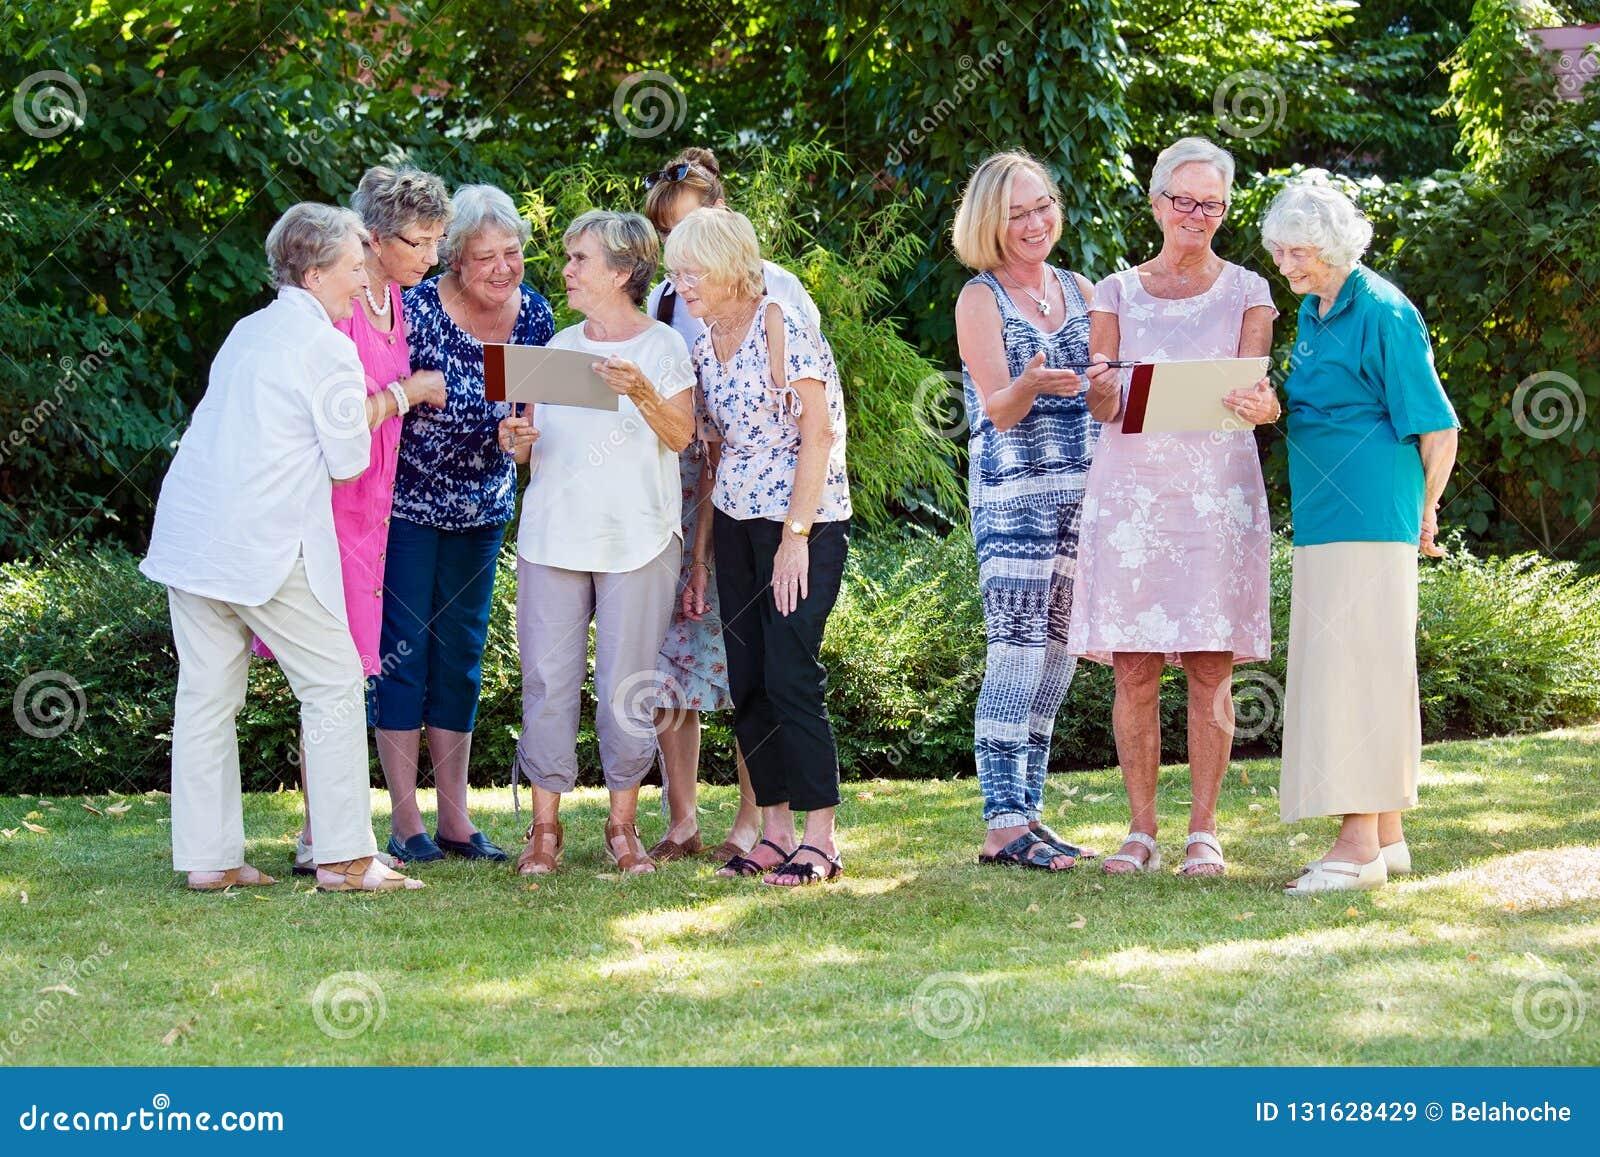 Ομάδα ηλικιωμένων κυριών σε ένα σπίτι προσοχής που απολαμβάνει μια παρακινητική δημιουργική κατηγορία τέχνης υπαίθρια σε έναν κήπ